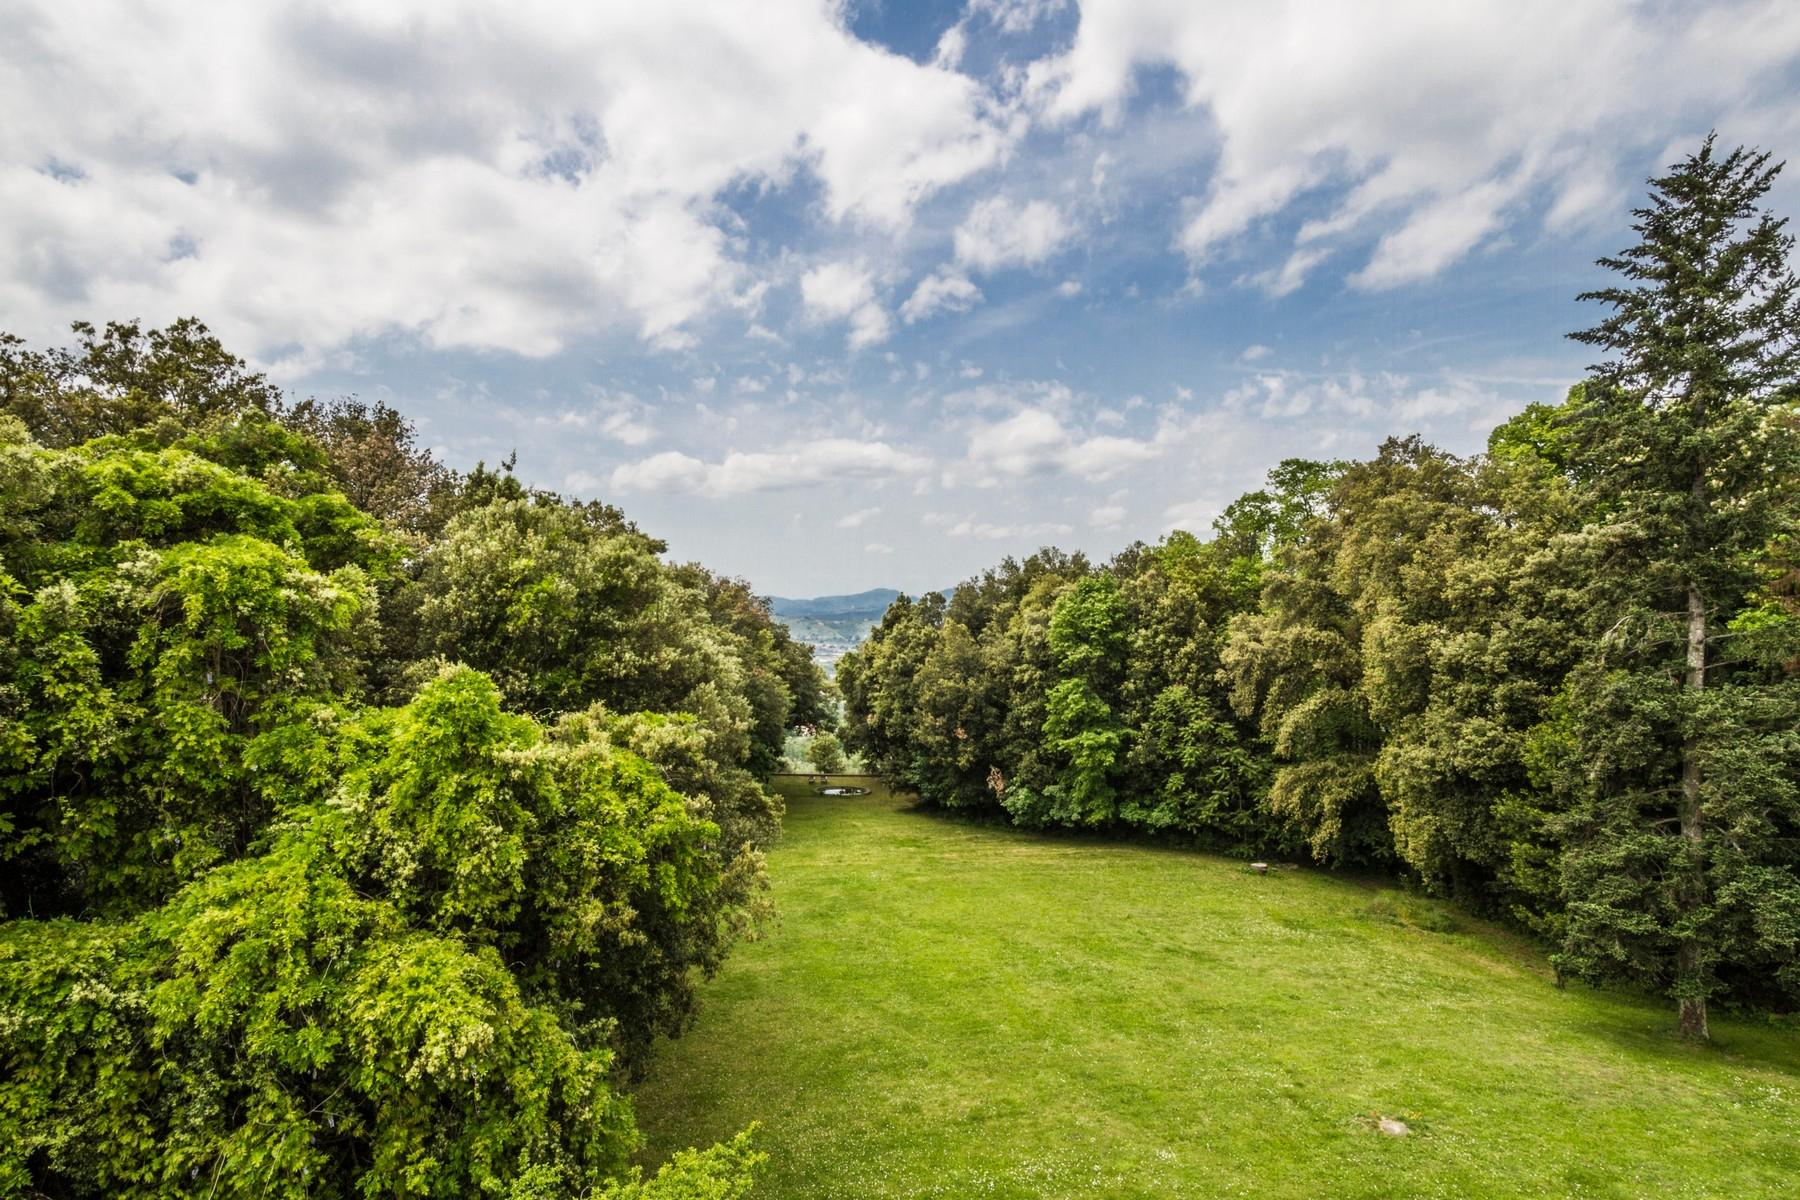 Appartamento di pregio in resort esclusivo con villa storica sulle colline di Lucca - 11